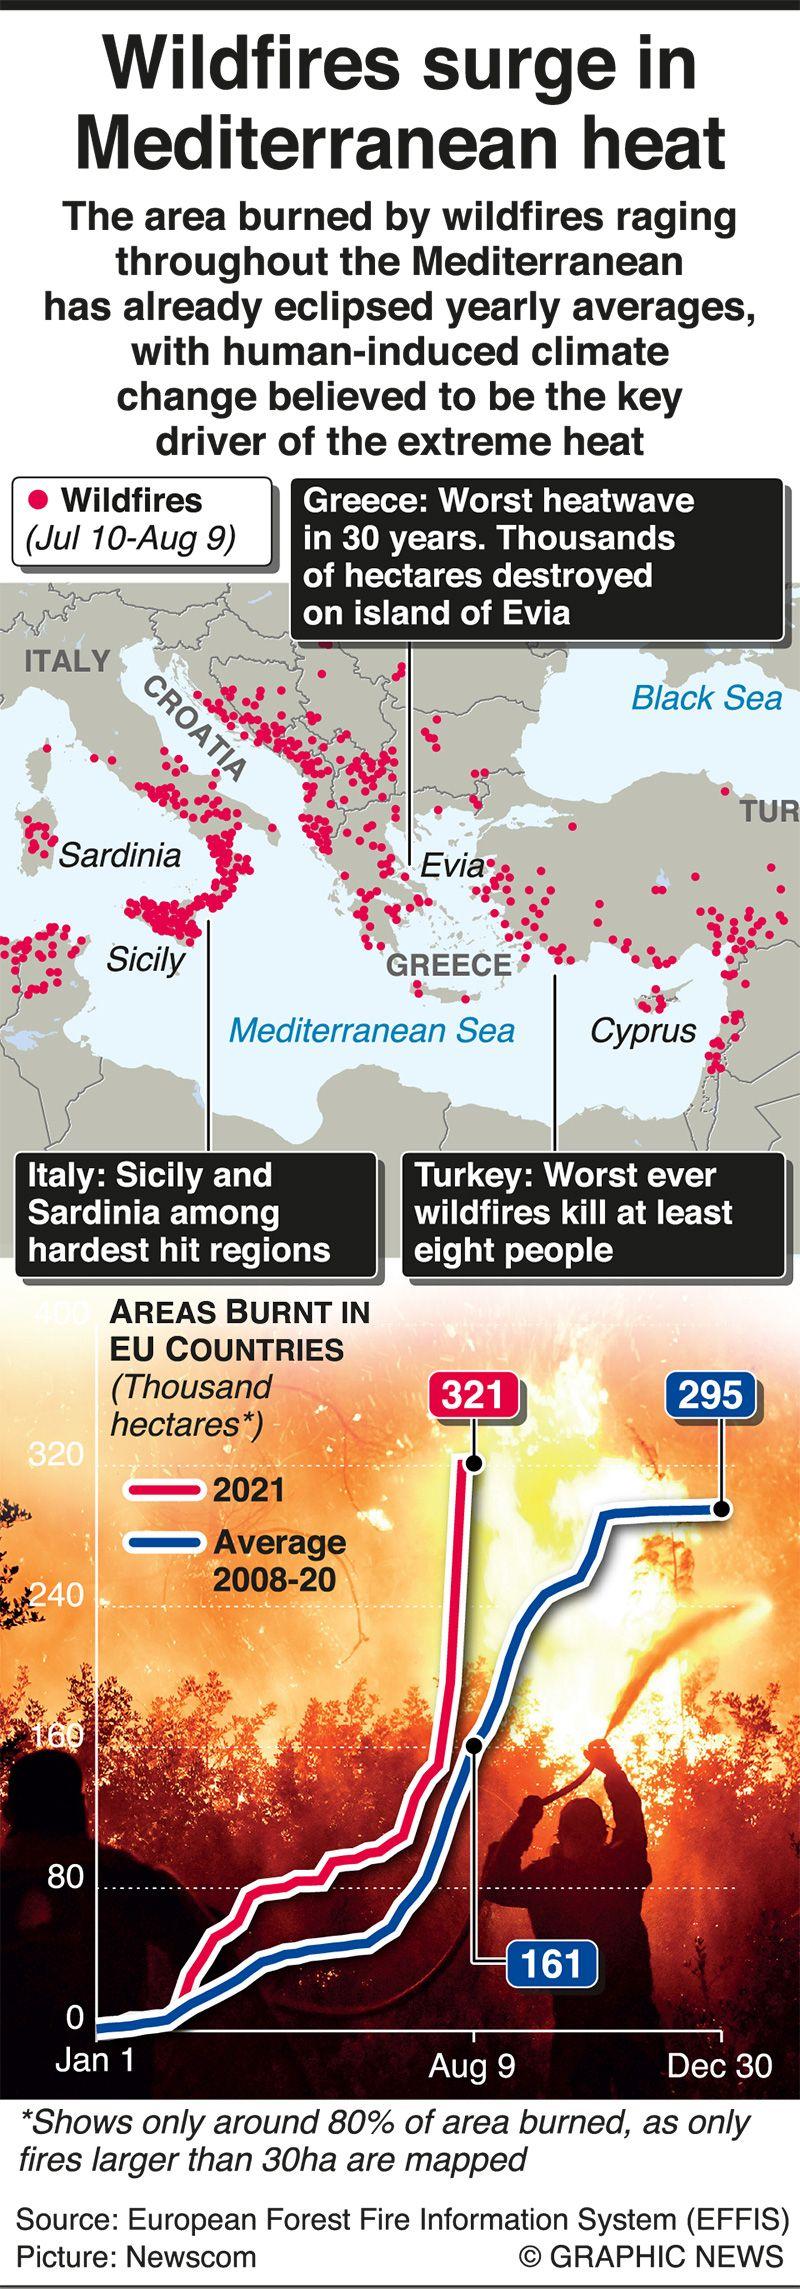 Wildfires surge during Mediterranean heat